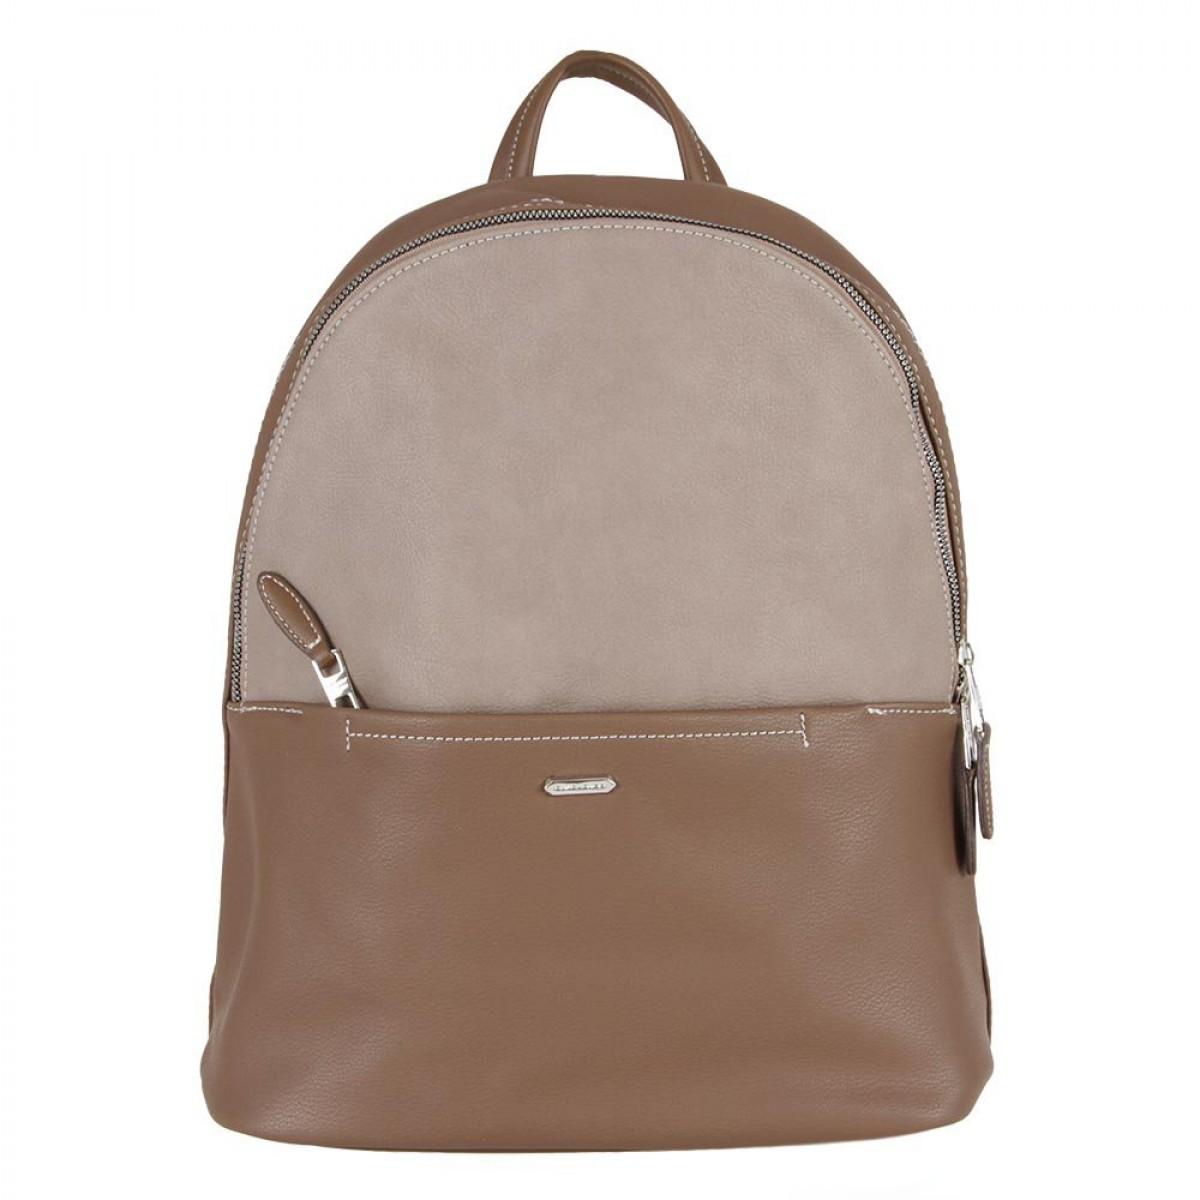 Жіночий рюкзак David Jones 6129-2 D.TAUPE